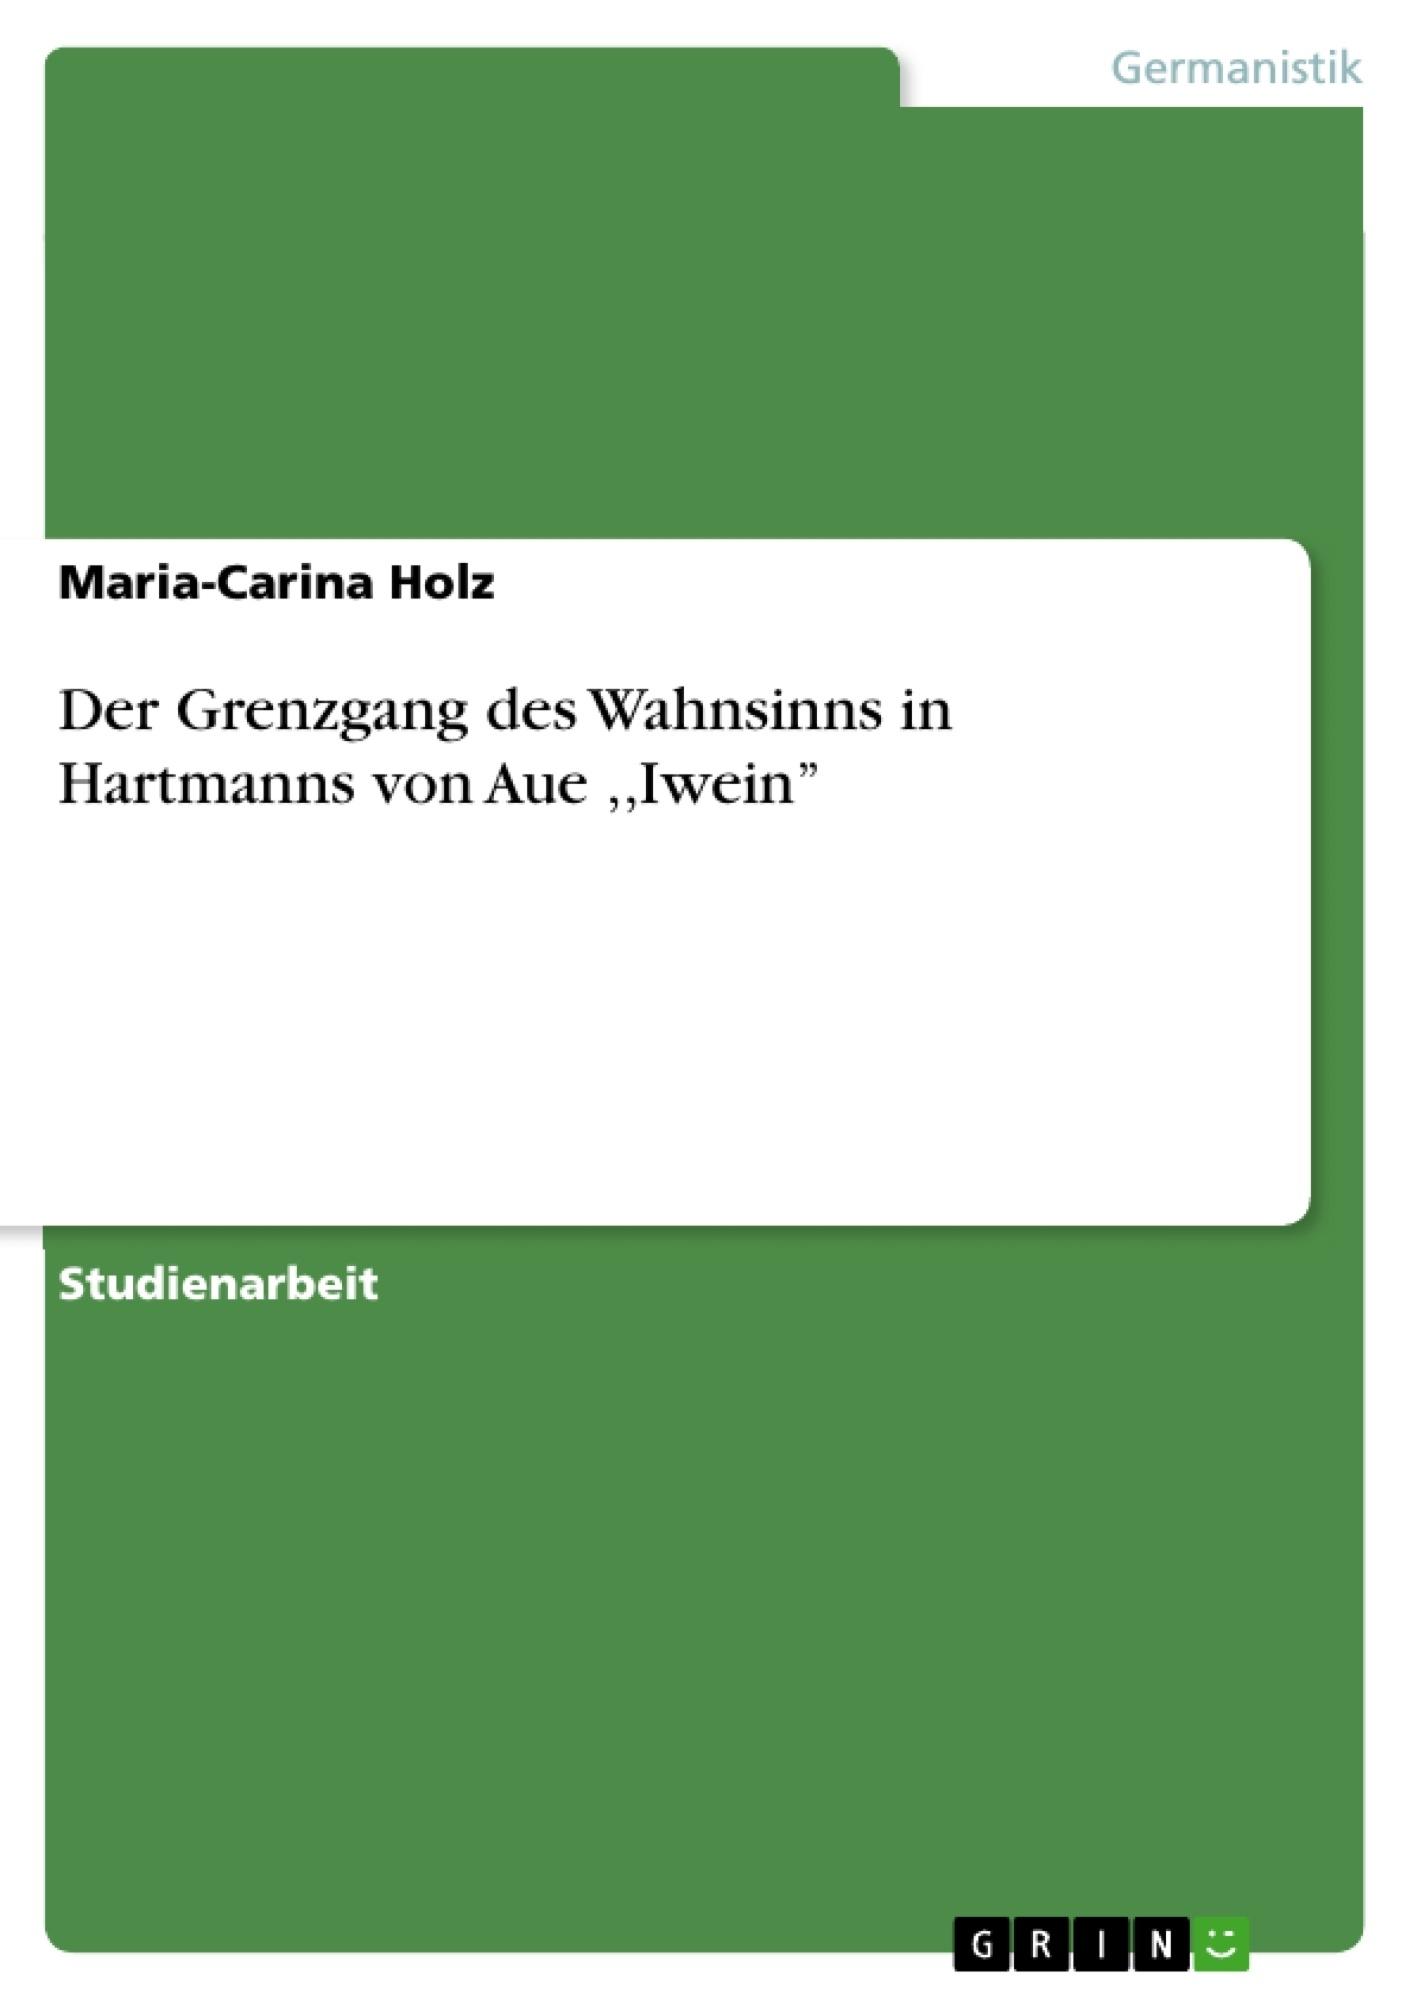 Titel: Der Grenzgang des Wahnsinns in Hartmanns von Aue ,,Iwein''